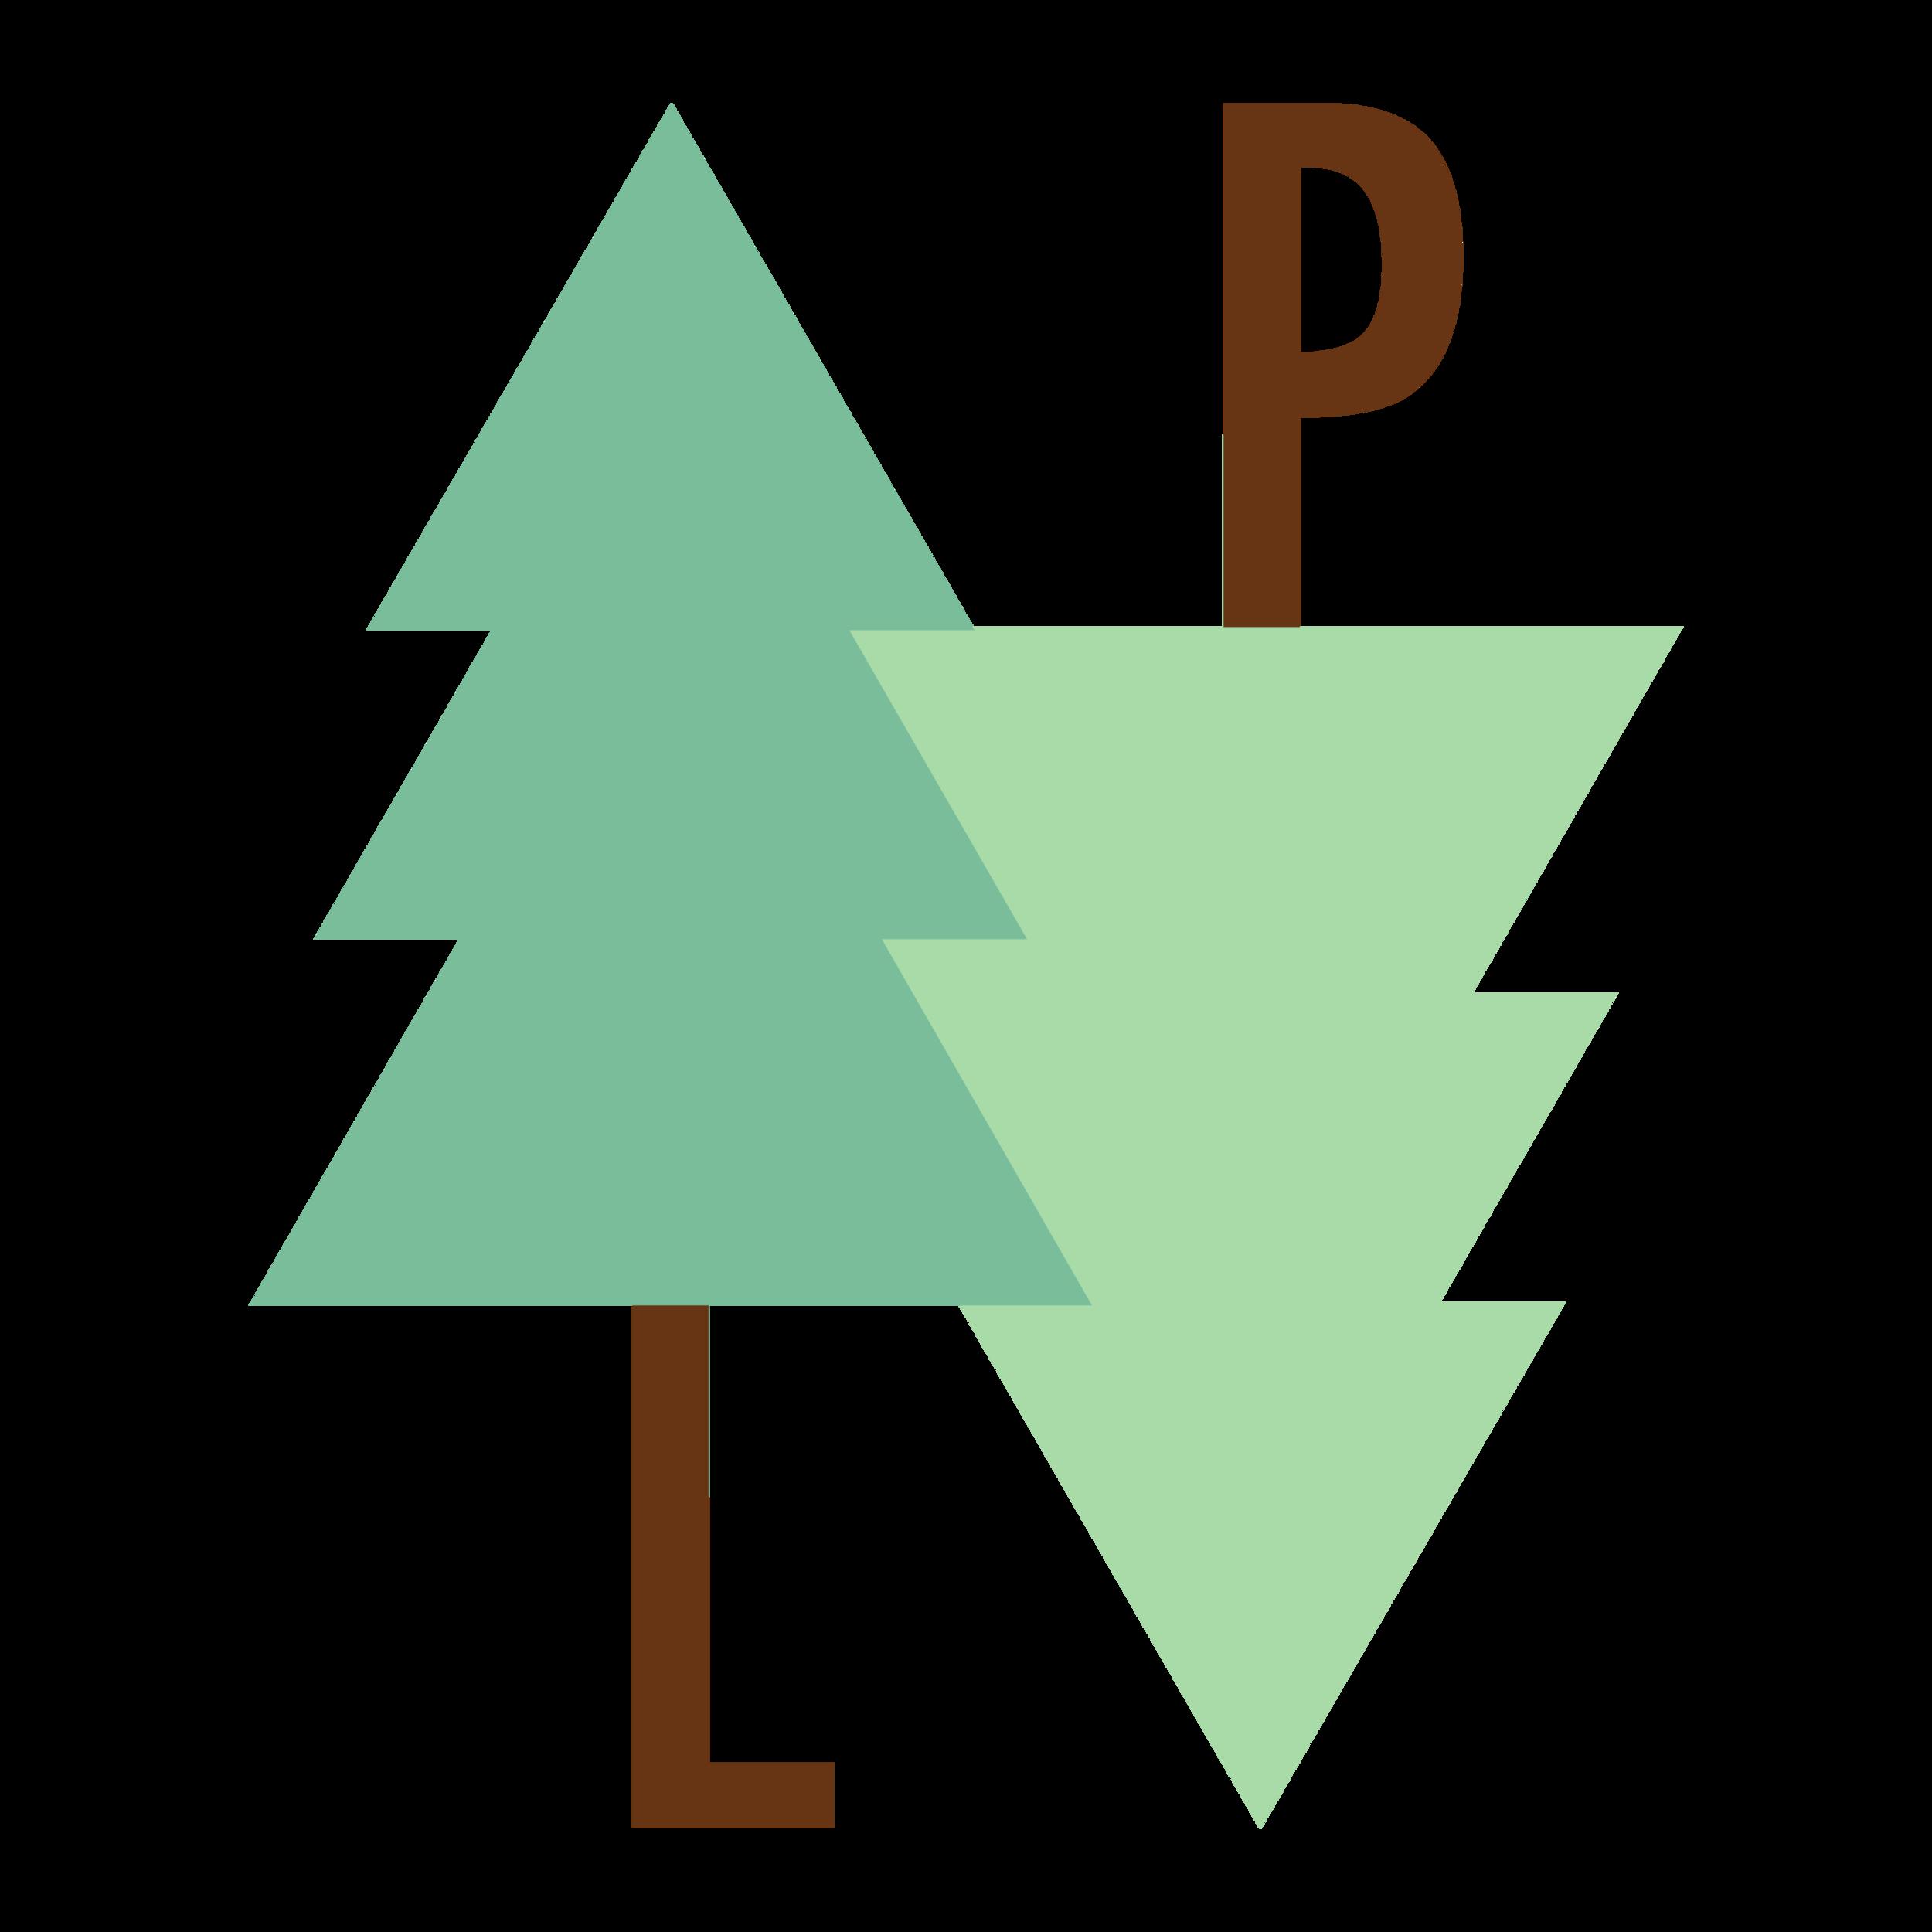 LP Trees